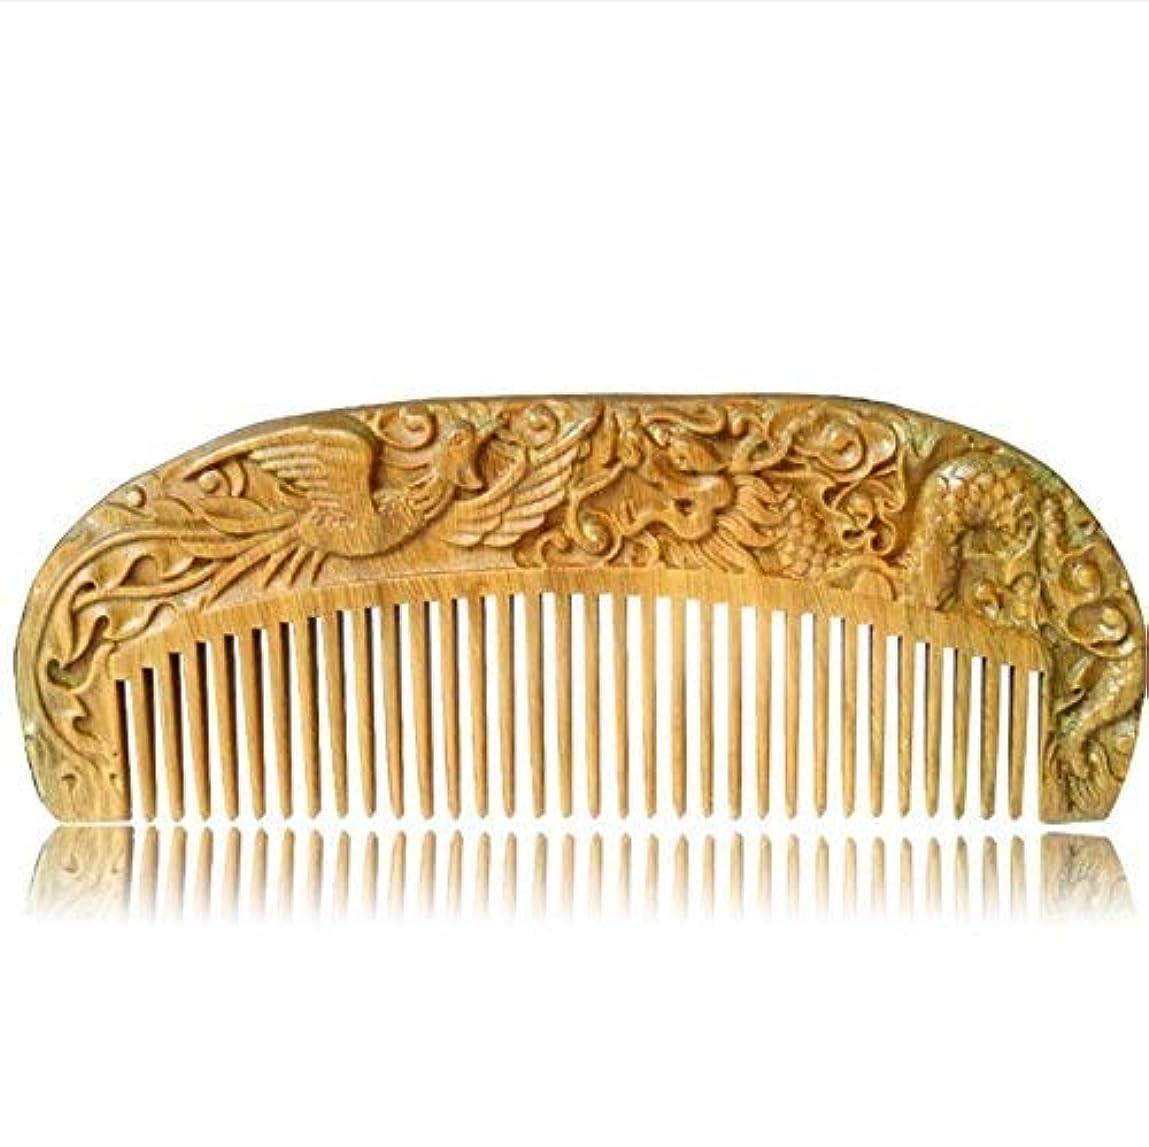 穏やかなスパイリークHandmade Carved Natural Sandalwood Hair Comb - Anti-Static Sandalwood Hair Comb Beard Brush Rake Comb Handmade Engraving Dragon and Phoenix [並行輸入品]